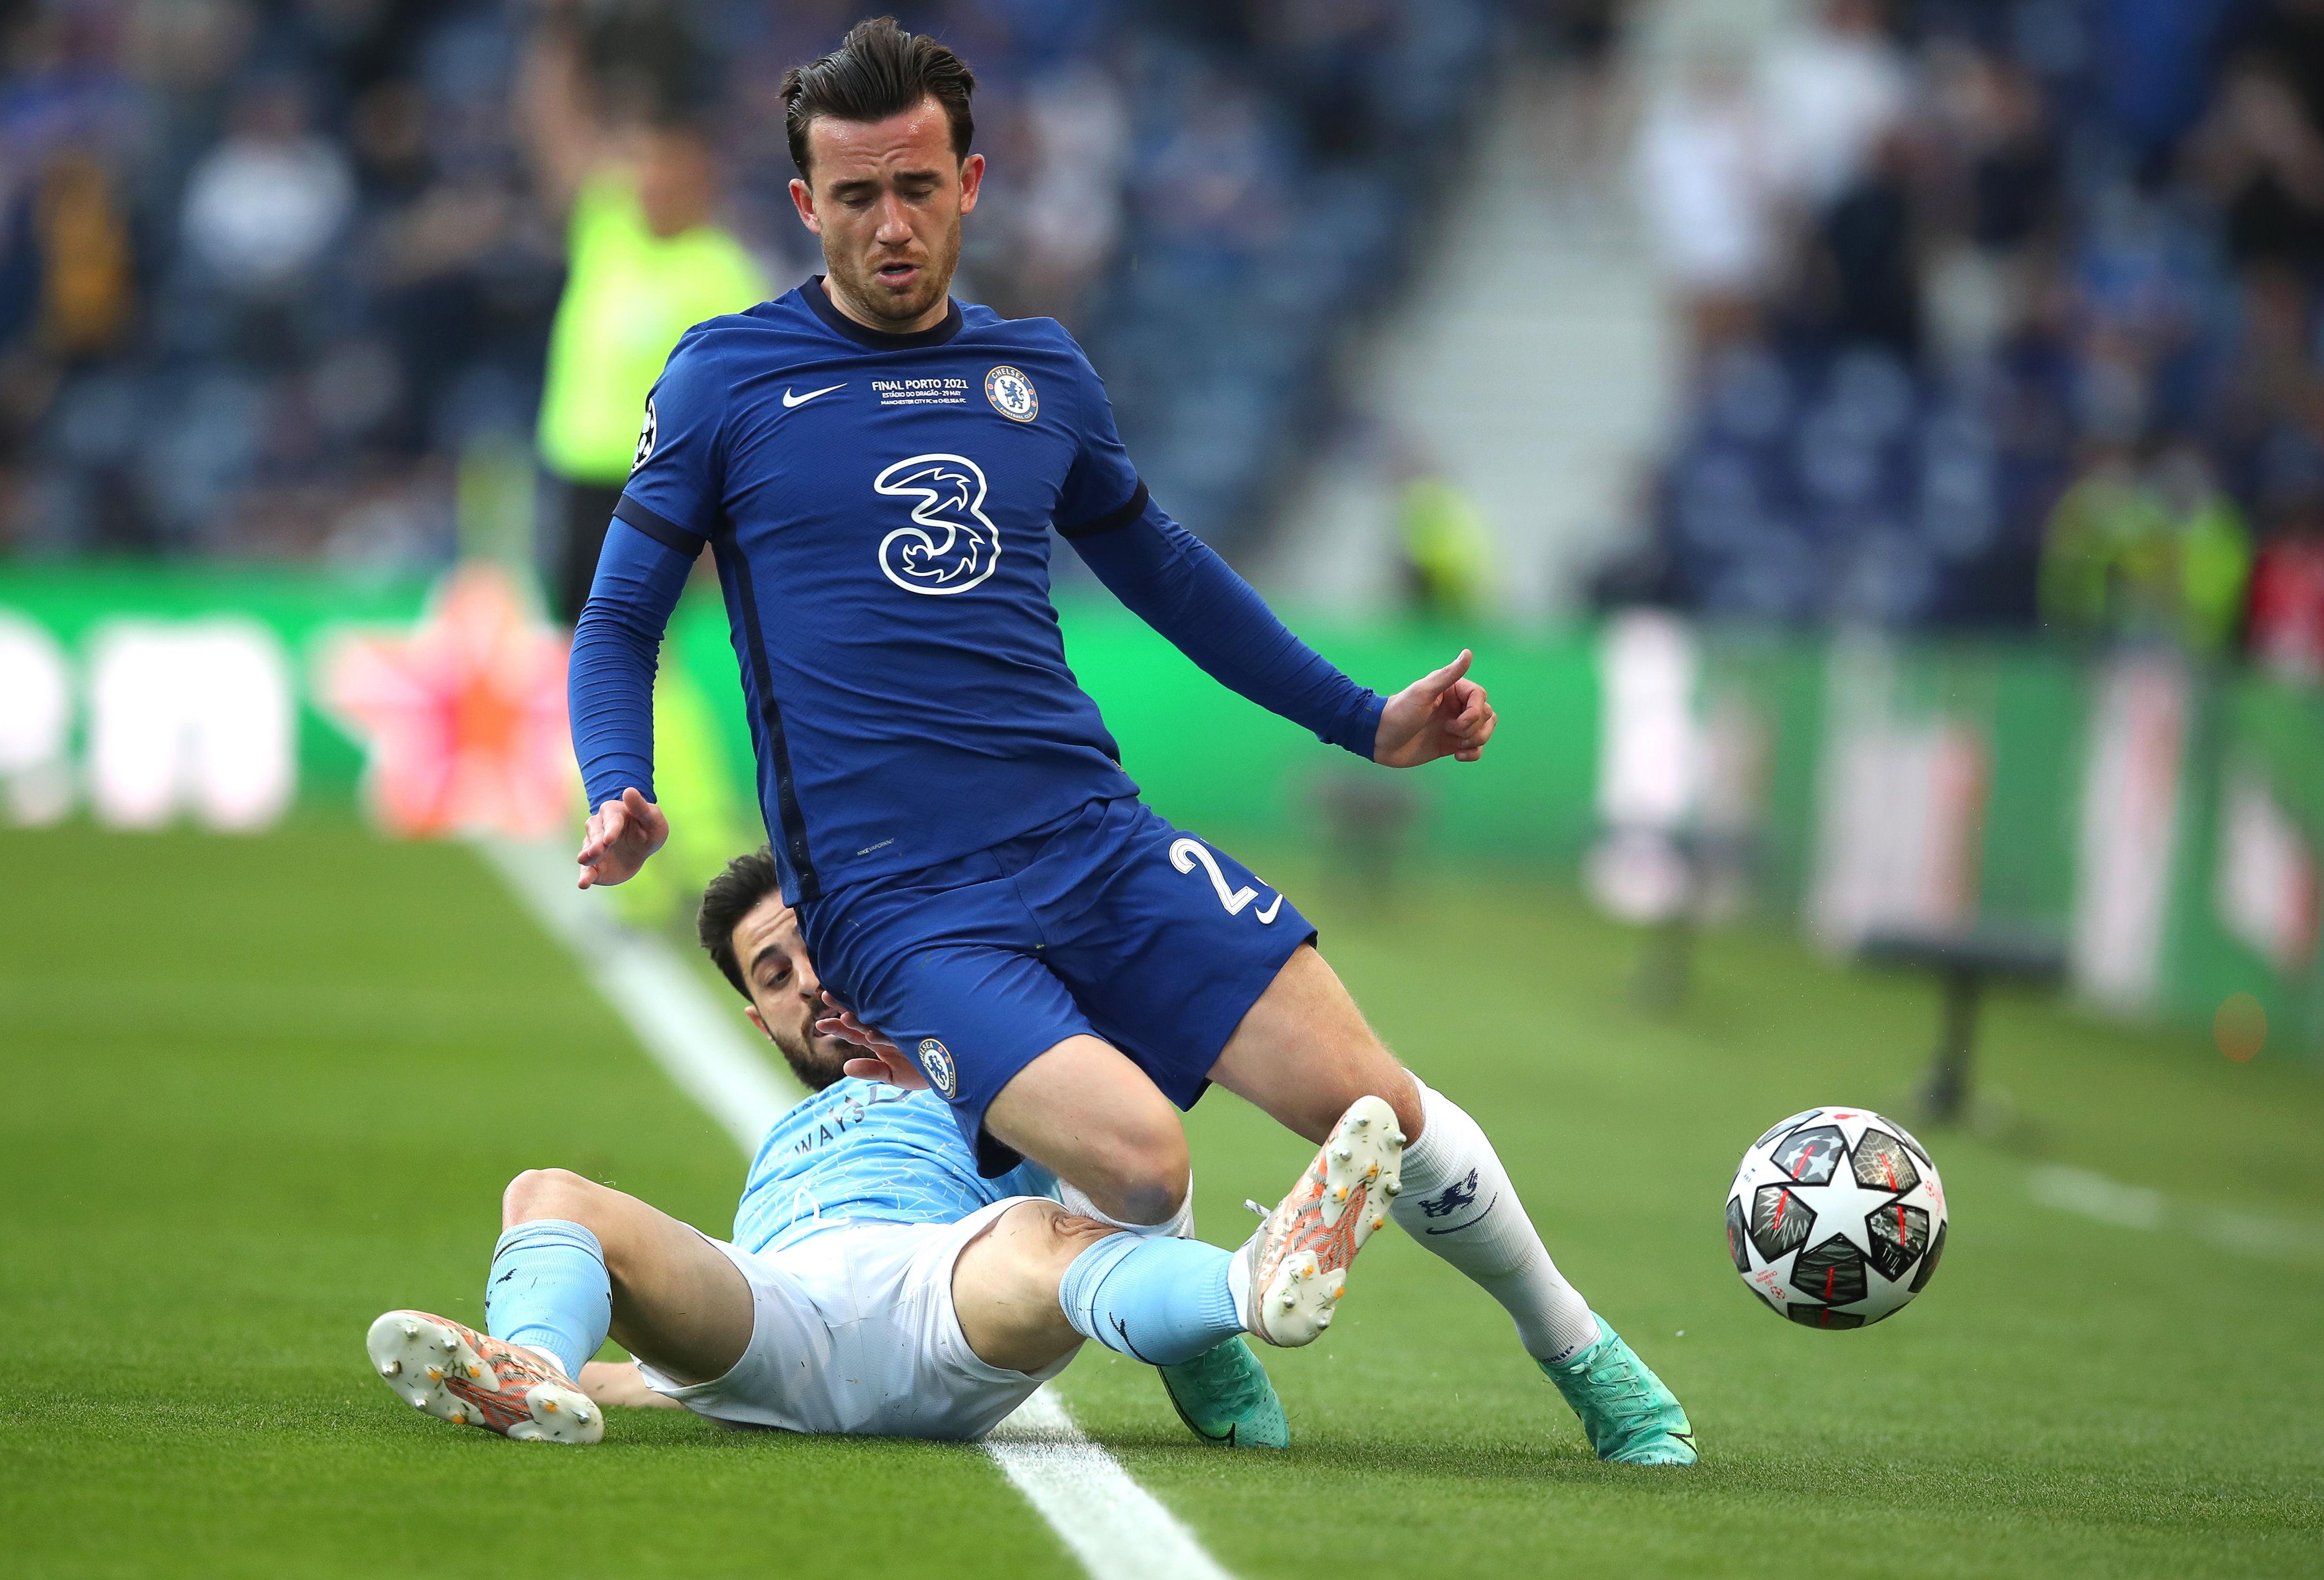 ¡Por el bicampeonato de Europa! Chelsea desea un XI inigualable 6